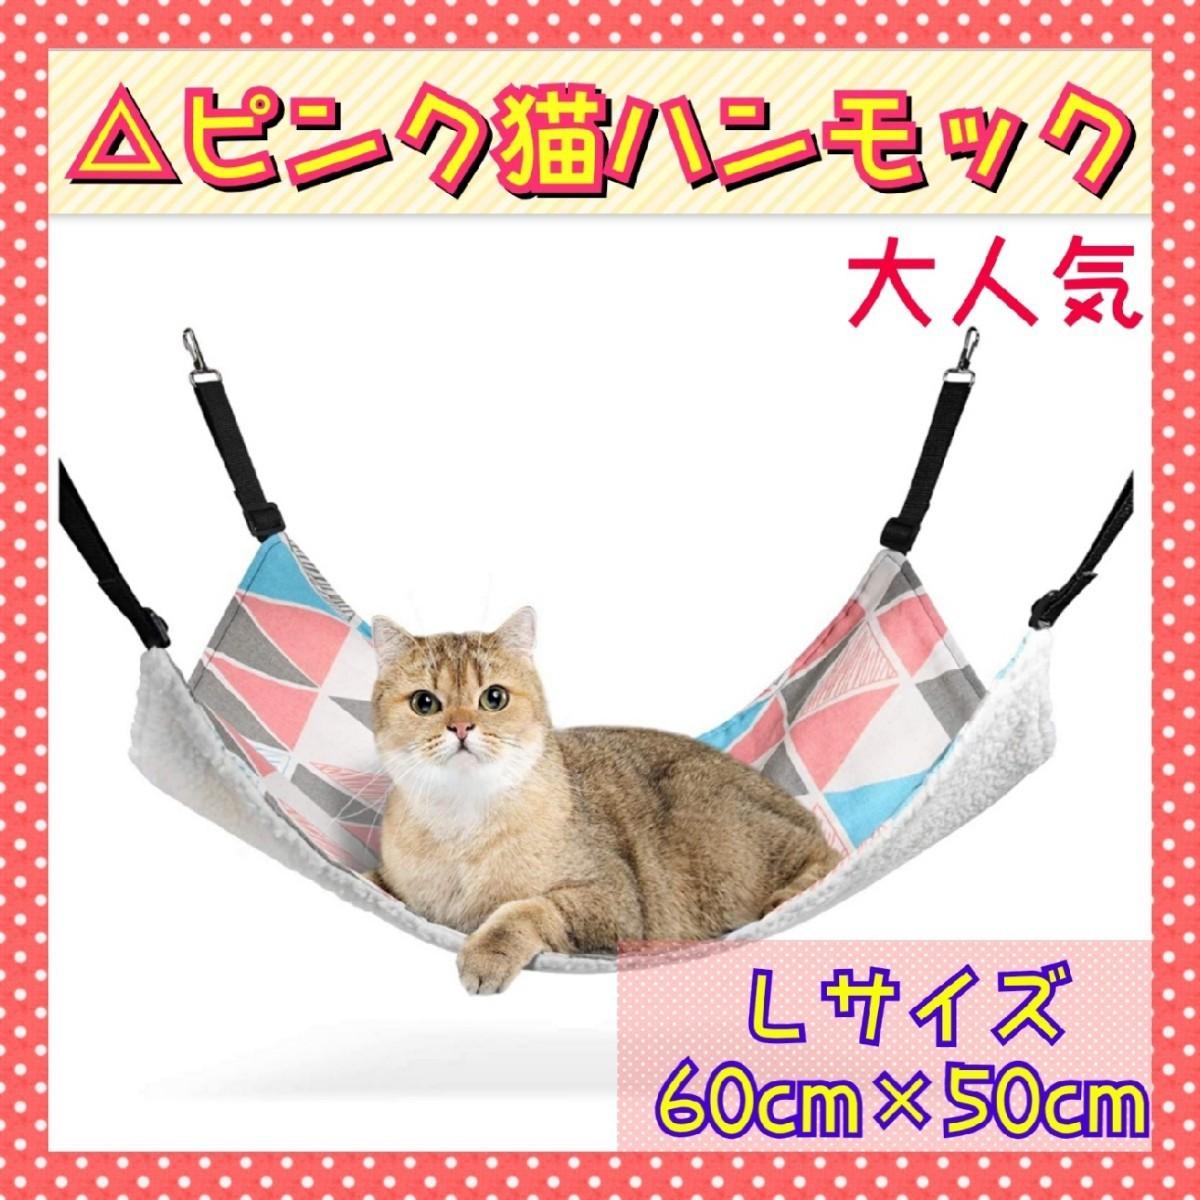 猫ケージハンモック キャットタワーハンモック 小動物 ペット用品 ピンク三角 2